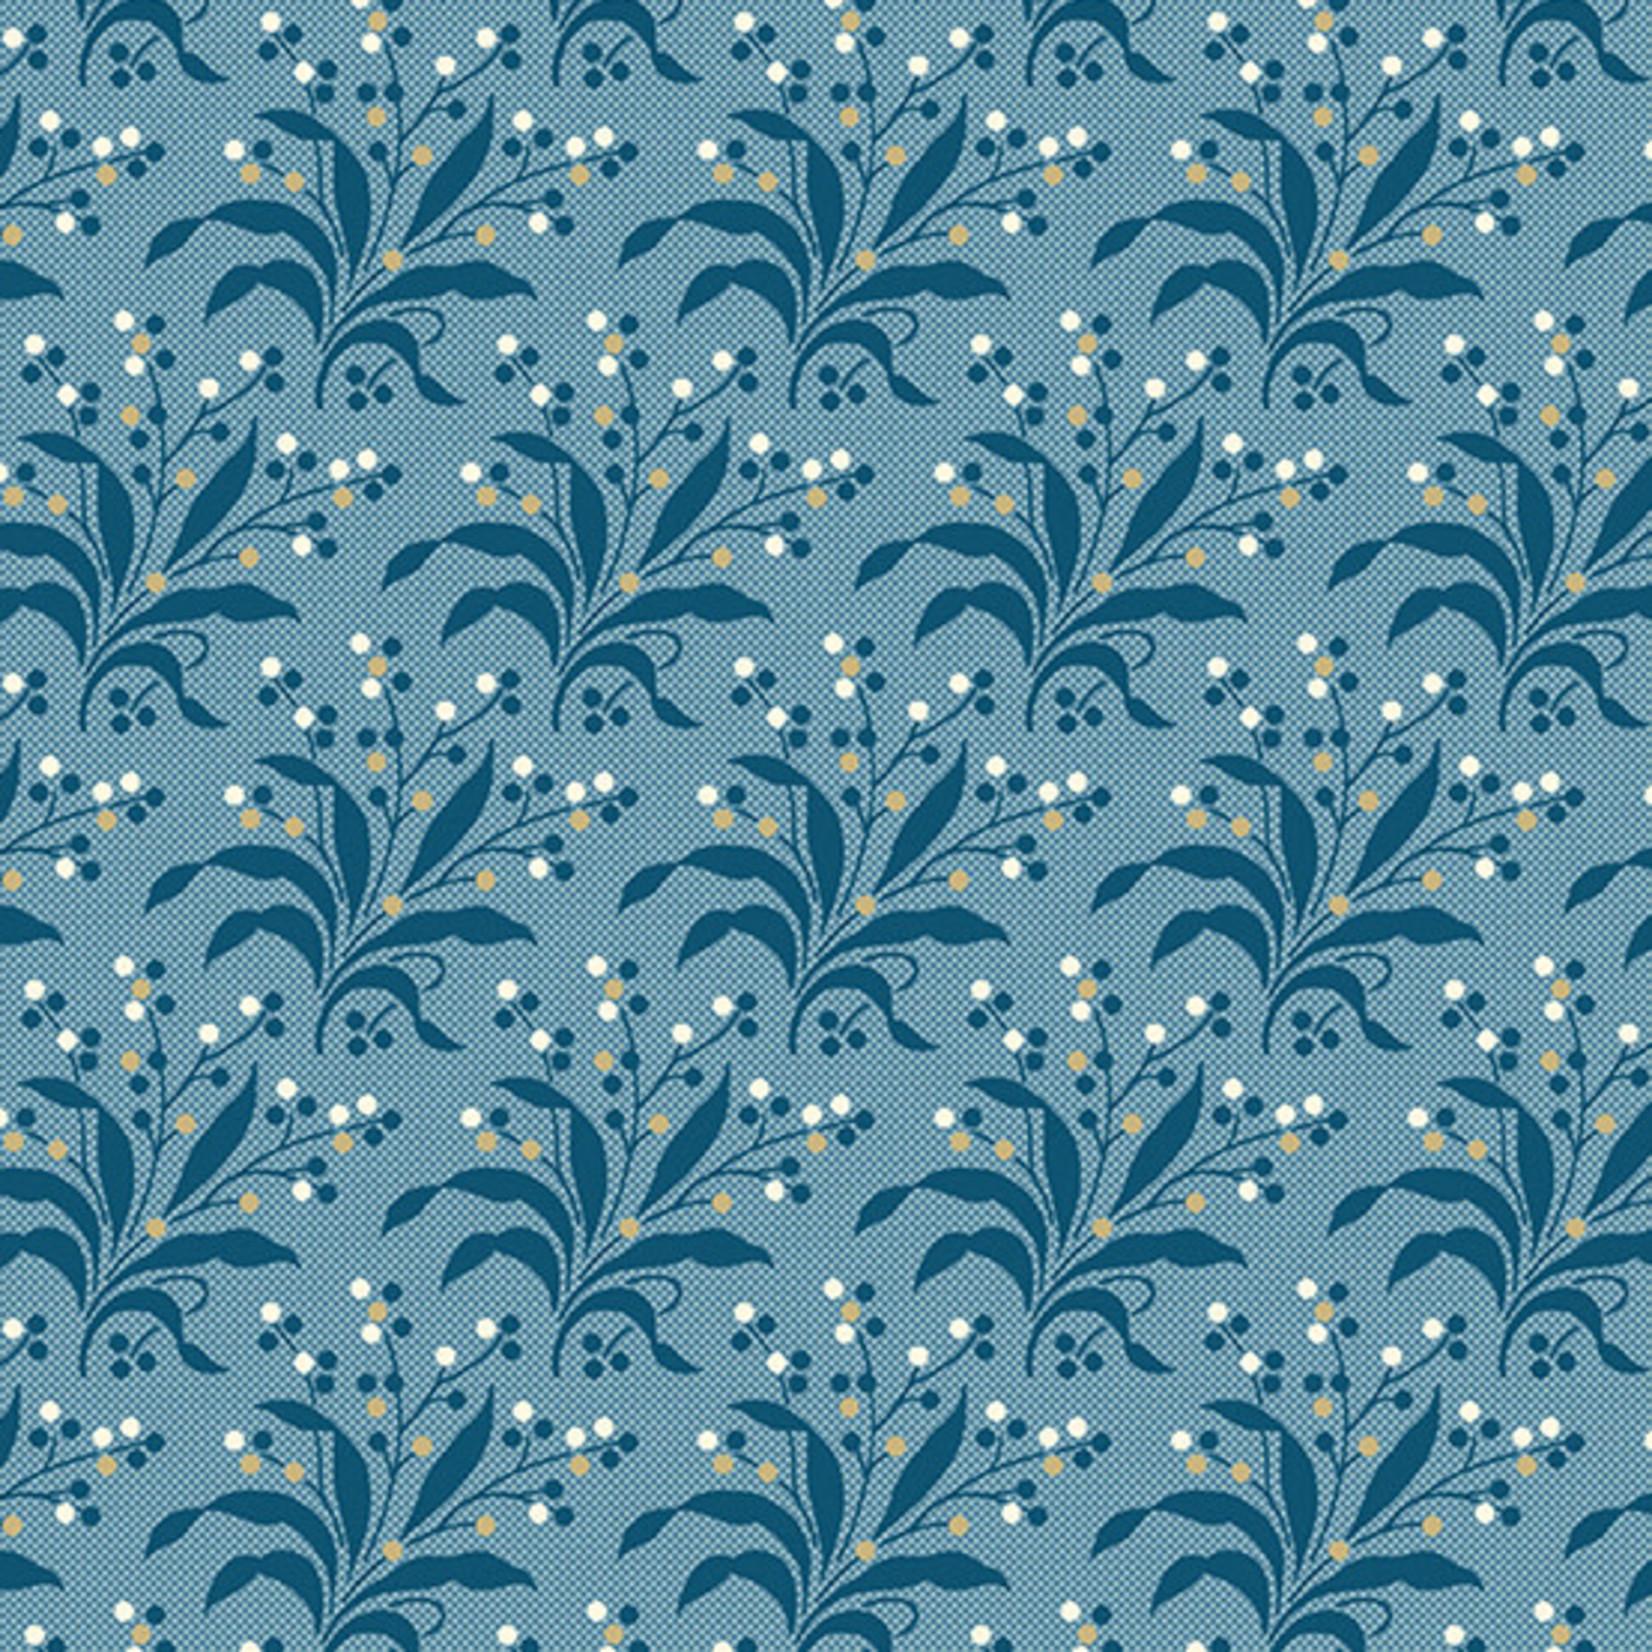 ANDOVER PERFECT UNION, FERN, CORNFLOWER BLUE (A-9580-B) PER CM or $20/m